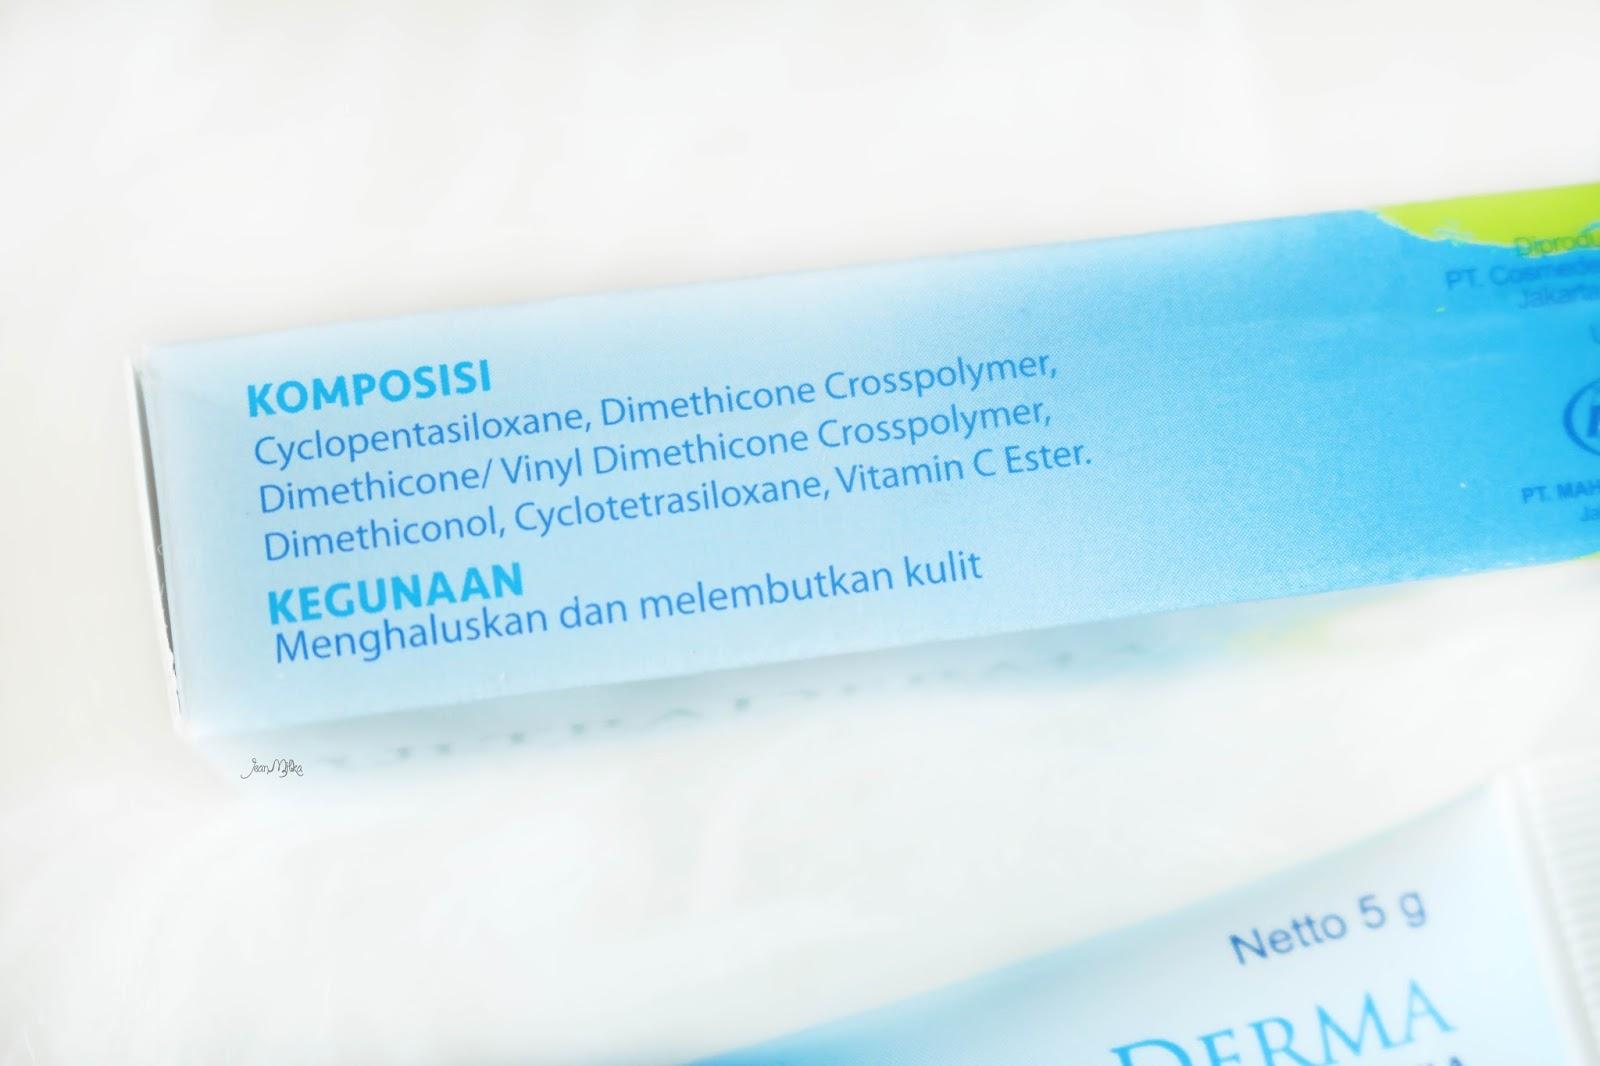 ultraderma, ultraderma advance scar, jerawat, skincare, skincare kulit berjerawat, solusi bekas jerawat, acne, acne scar, mengatasi kulit berjerawat, mengatasi bekas jerawat